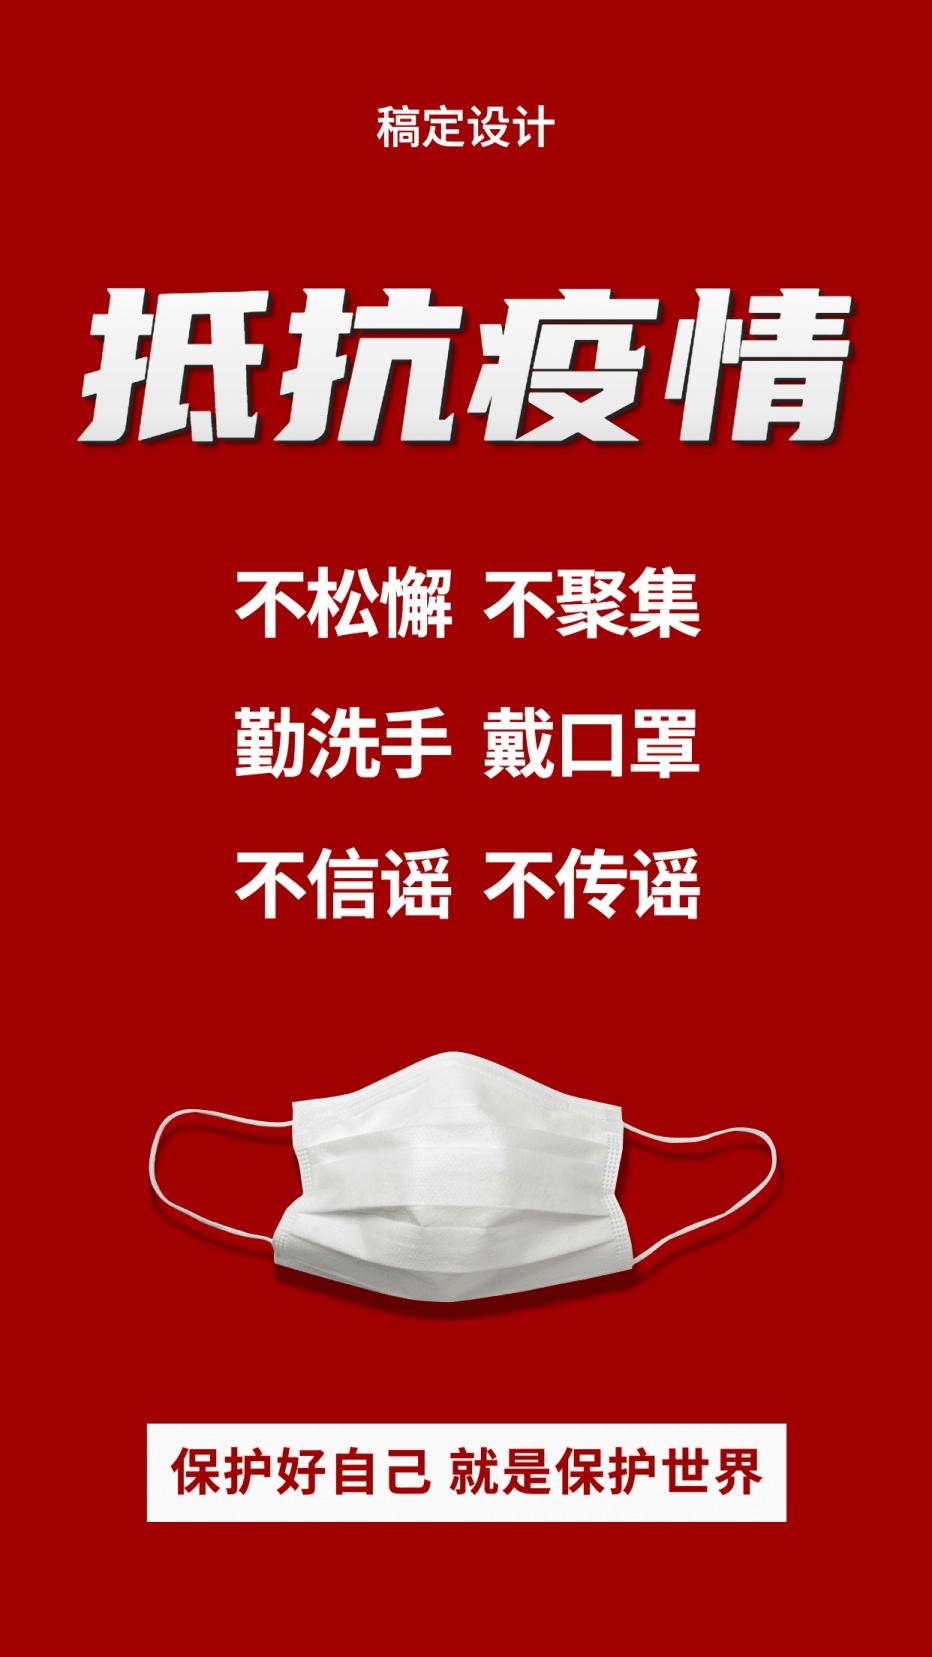 预防肺炎疫情戴口罩宣传手机海报